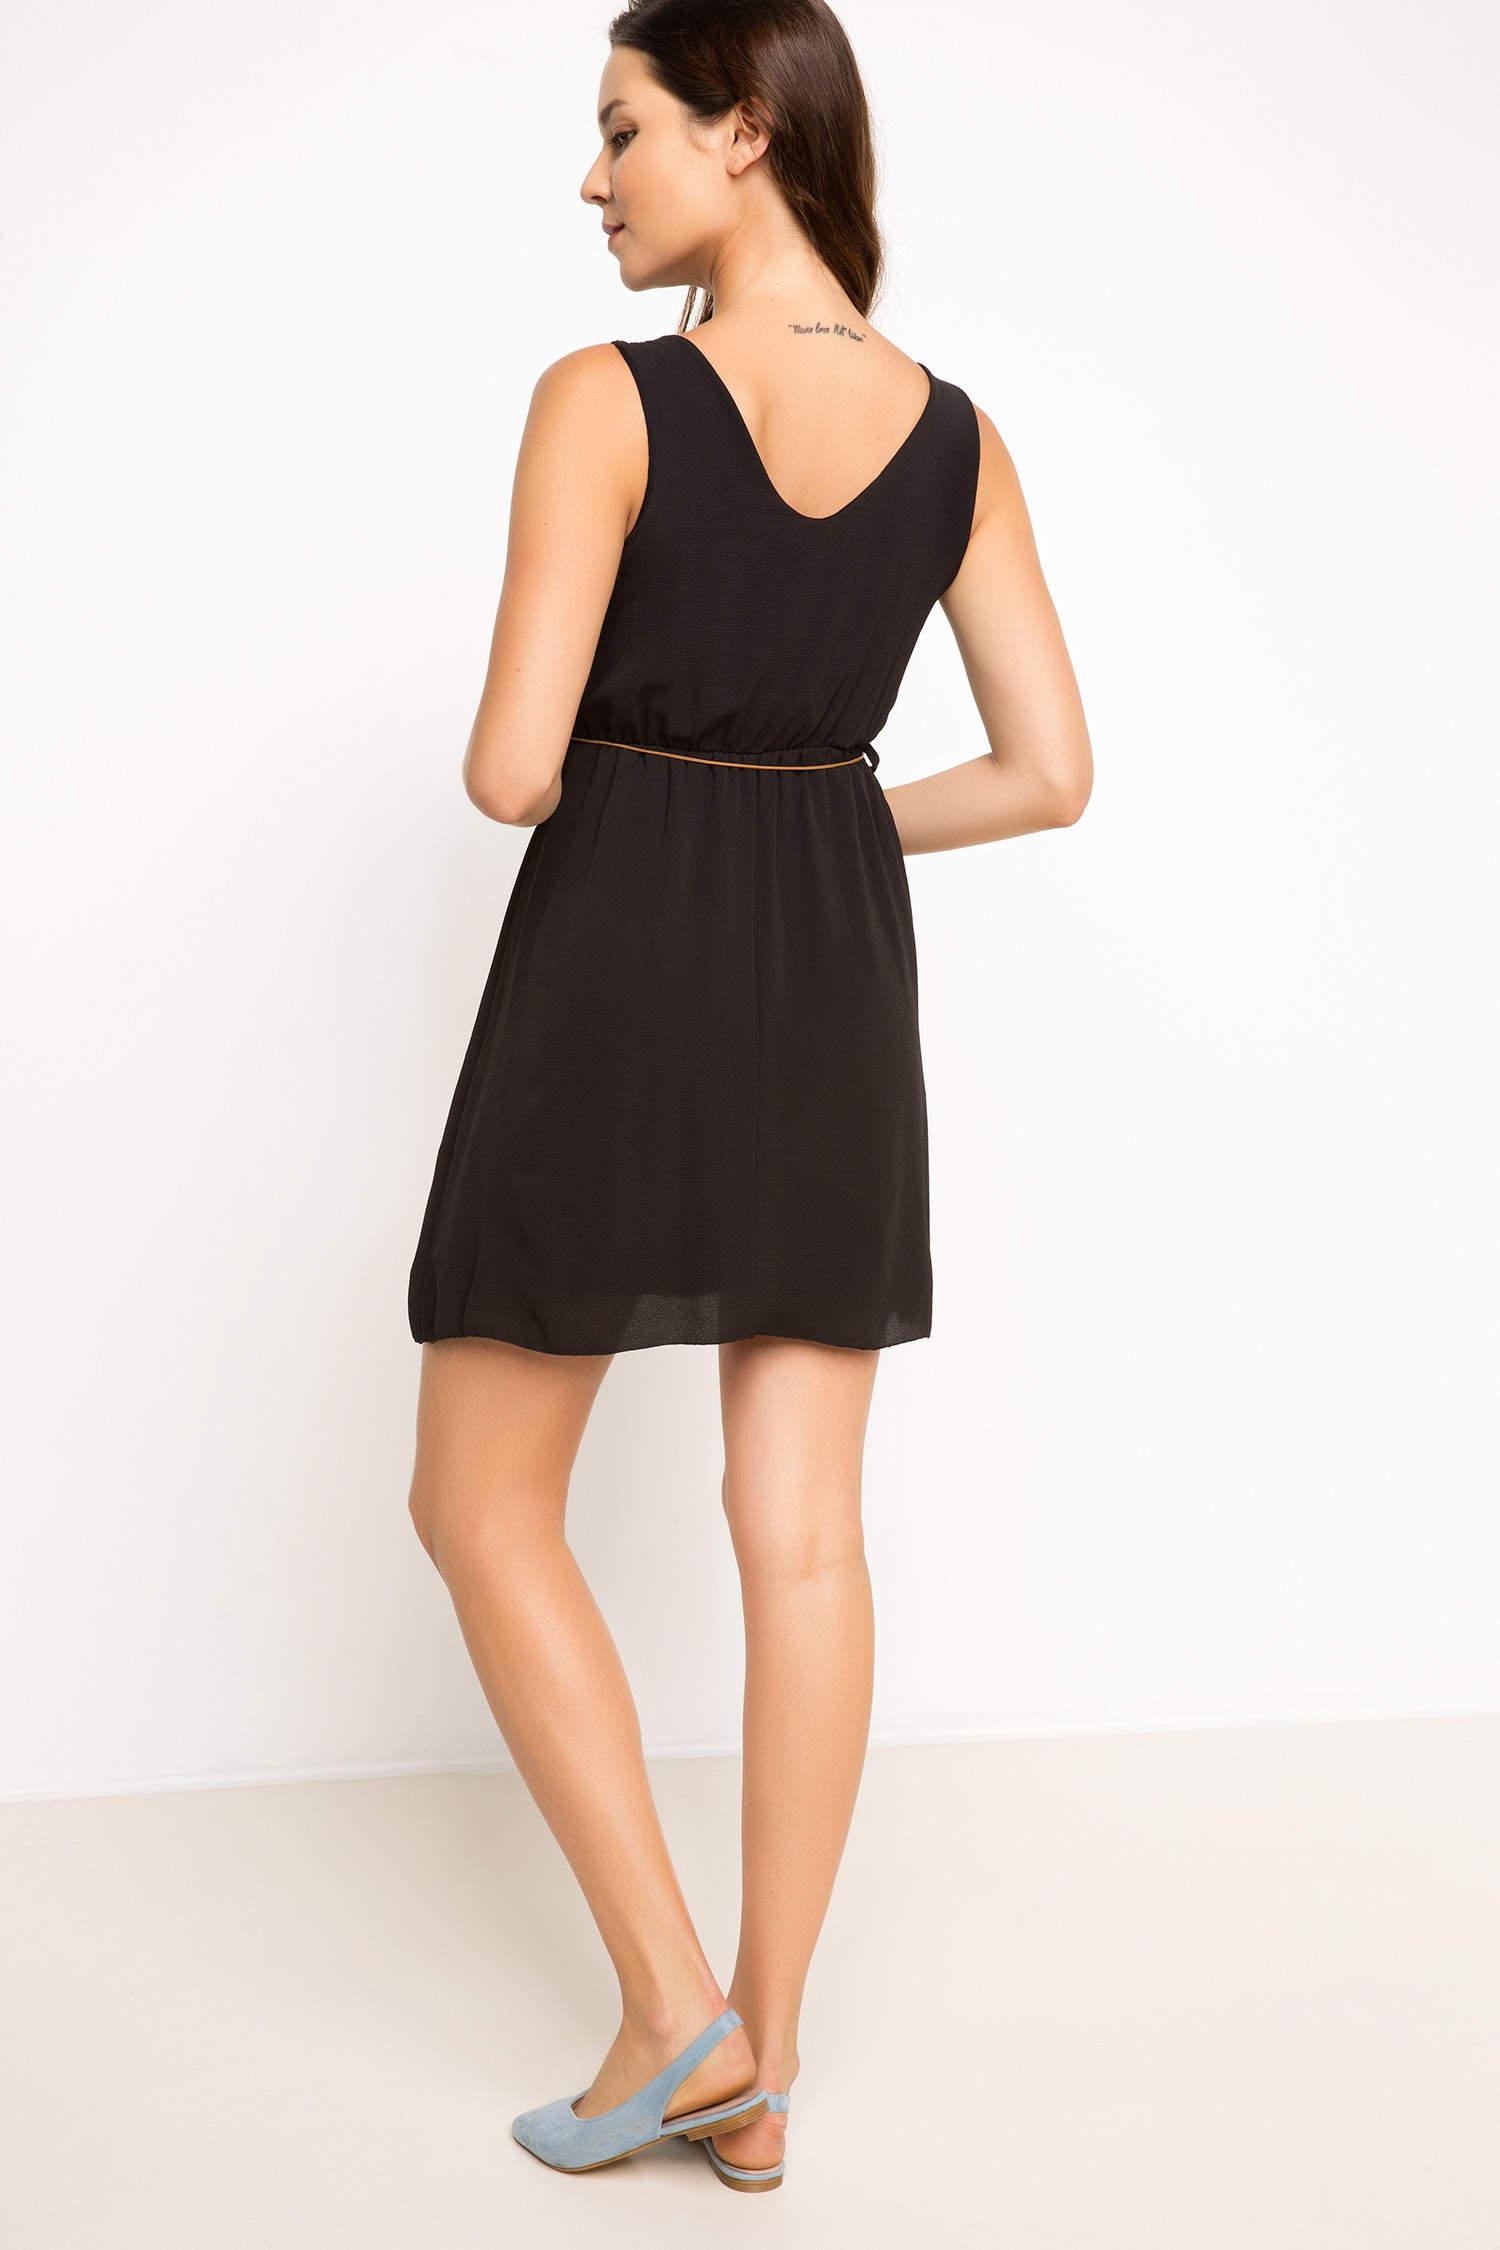 eece77d13d1d3 Siyah Kadın Belden Kemerli Elbise 771990 | DeFacto